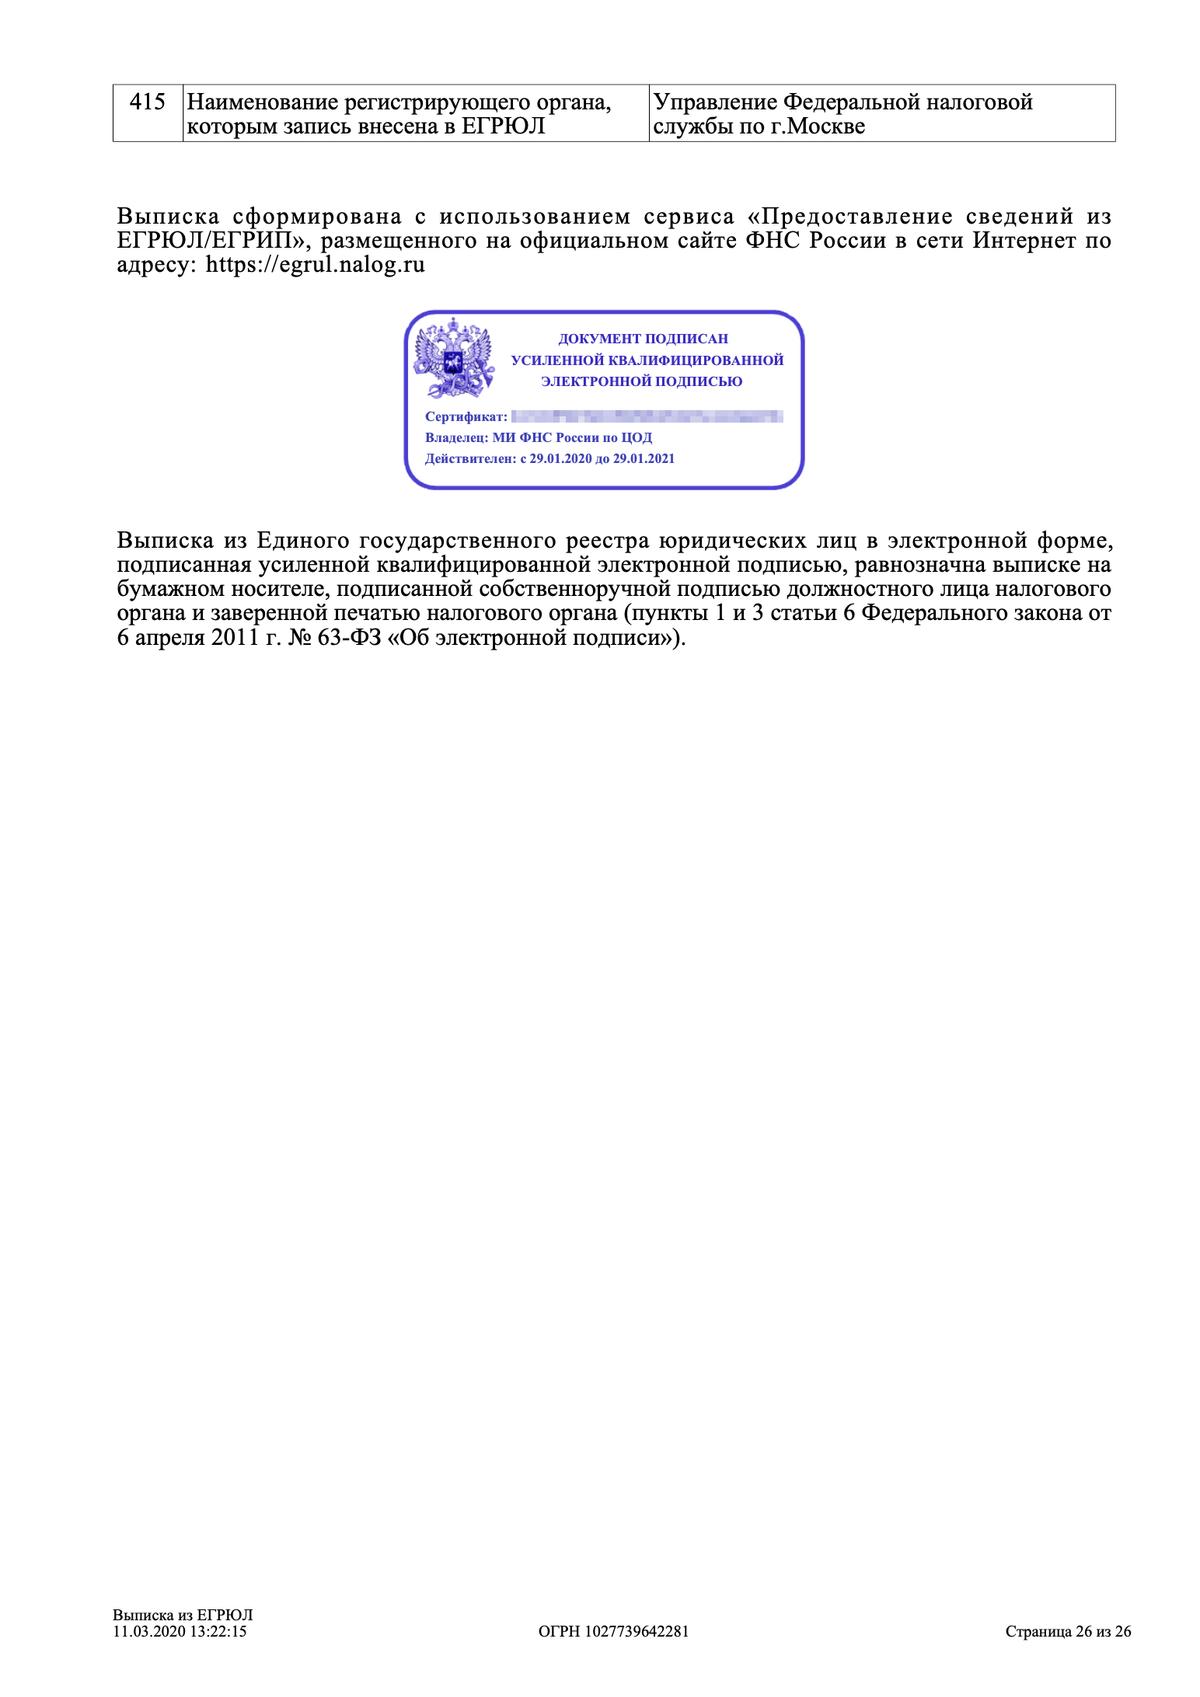 Последняя страница выписки из ЕГРЮЛ с электронной подписью